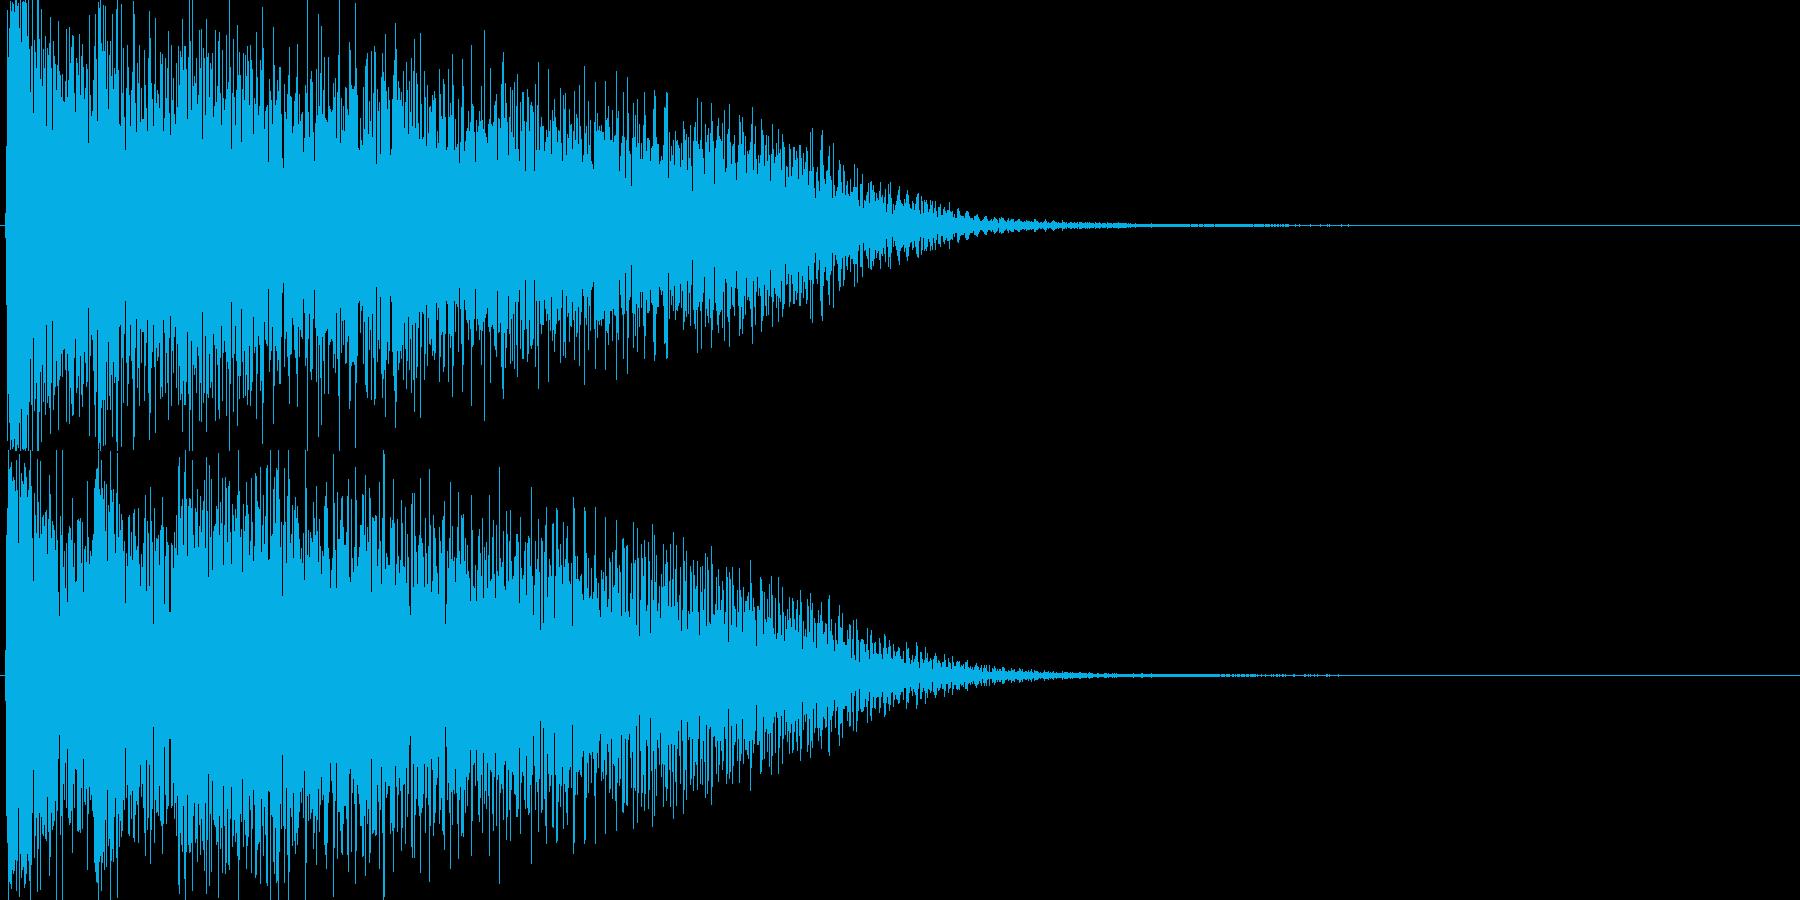 ピアノ(ゲーム、アプリ、サウンドロゴに)の再生済みの波形